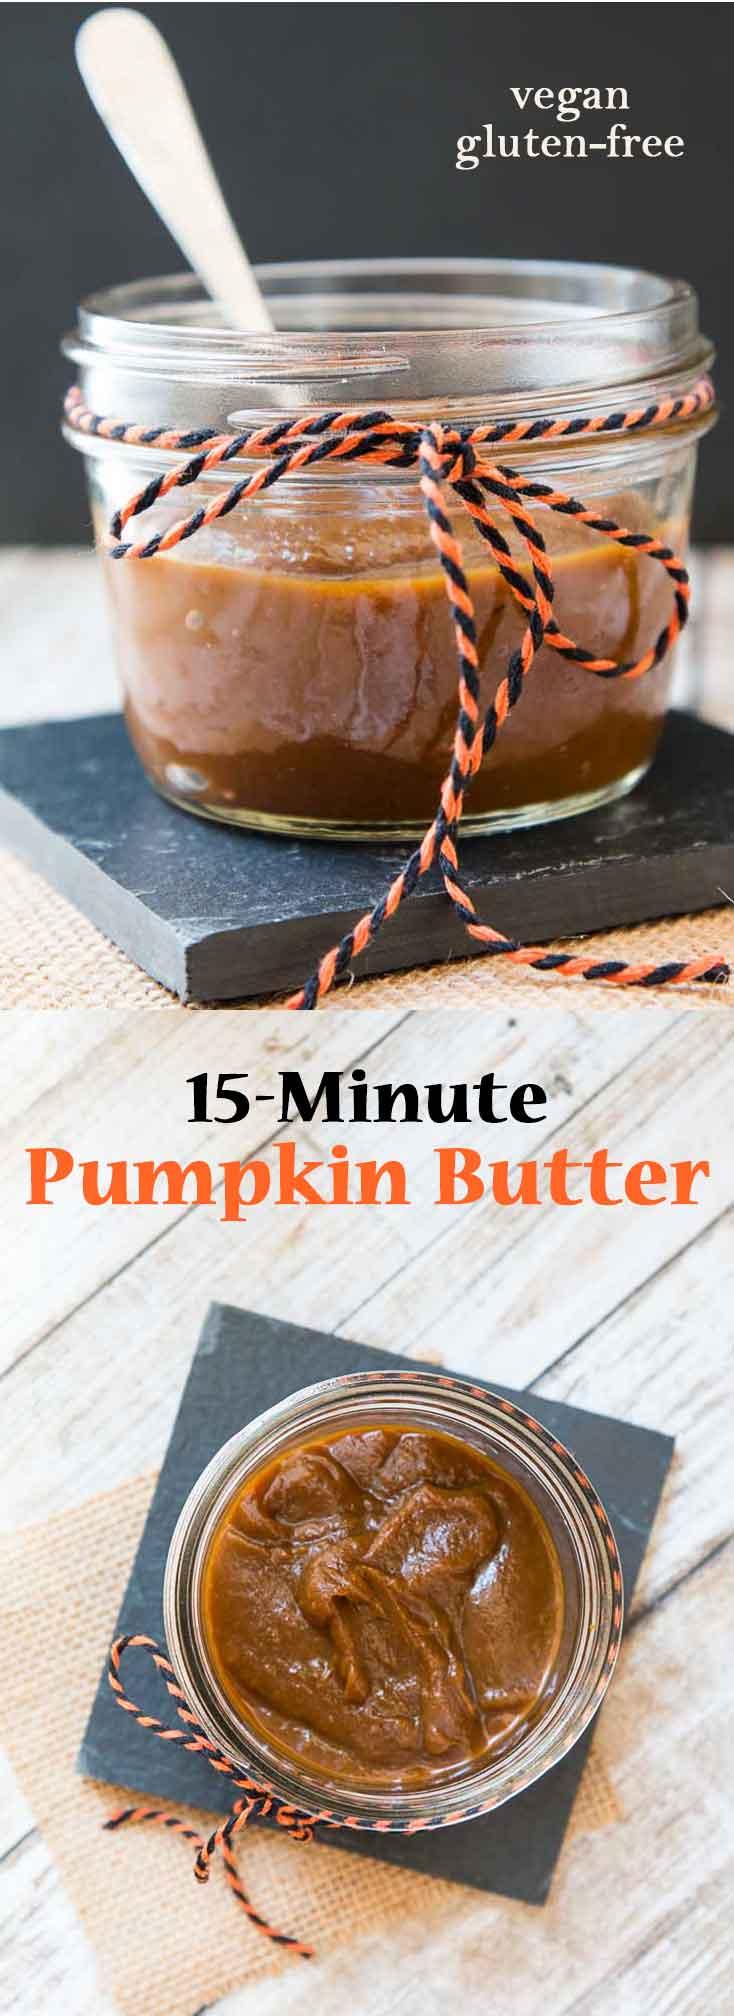 15-Minute Pumpkin Butter Recipe #vegan #glutenfree | Vegetarian Gastronomy | www.VegetarianGastronomy.com